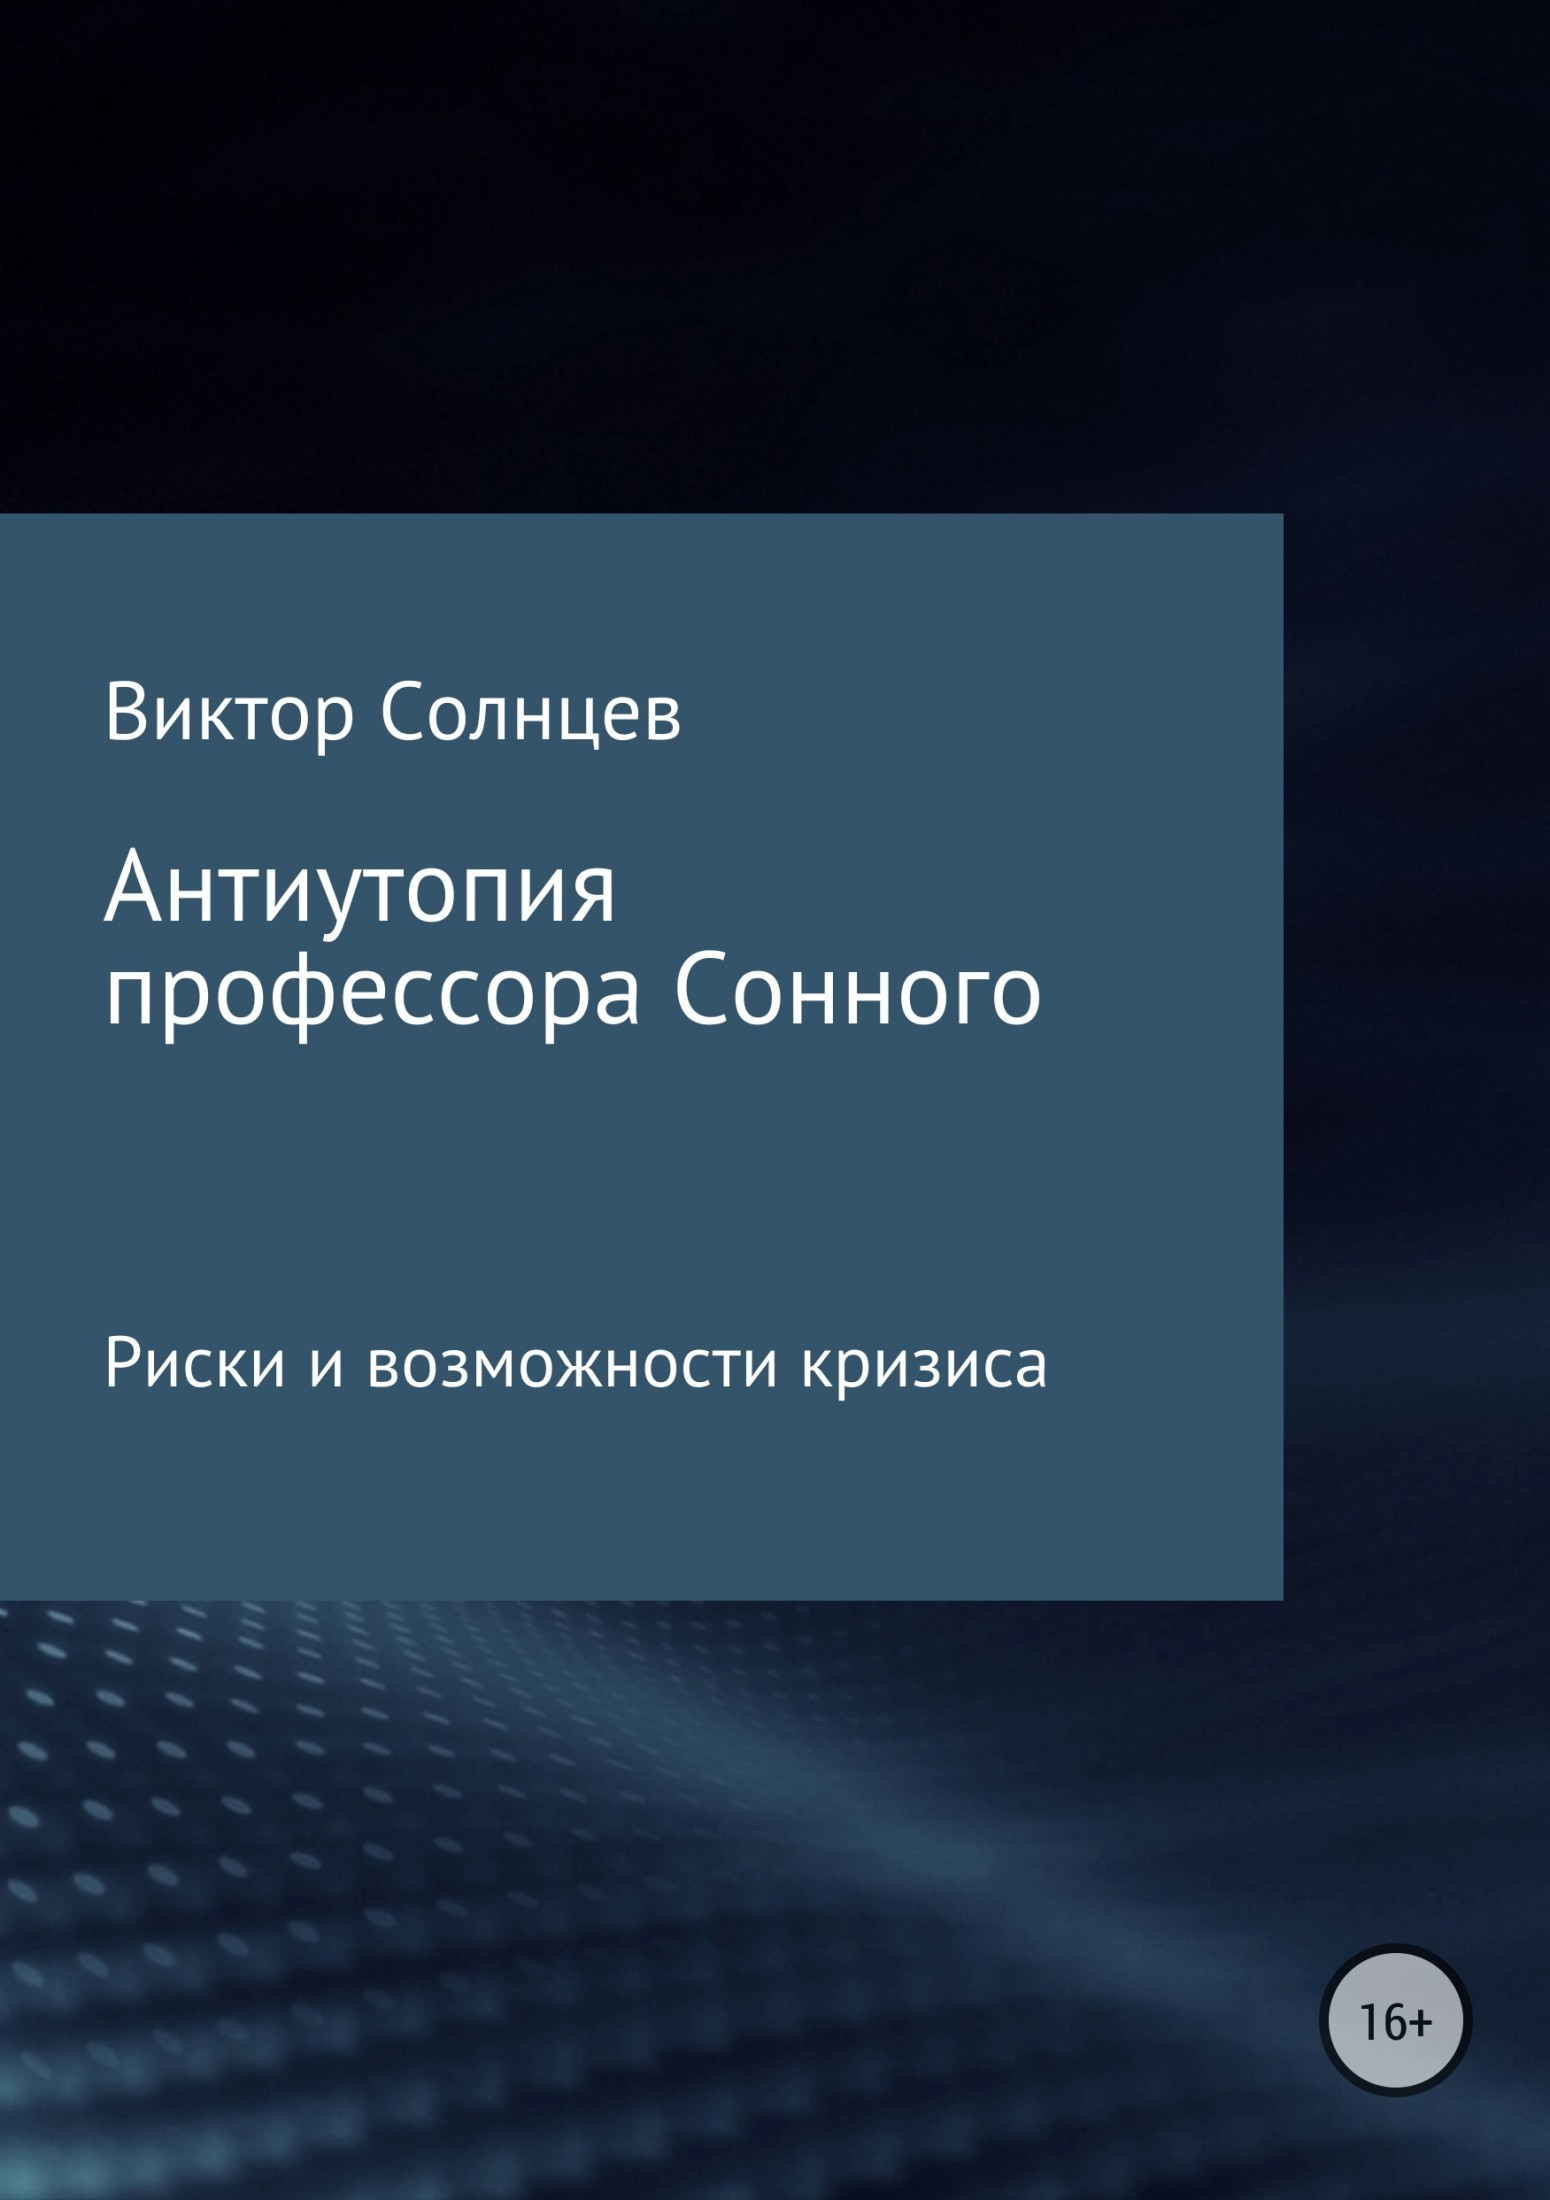 Обложка книги. Автор - Виктор Солнцев